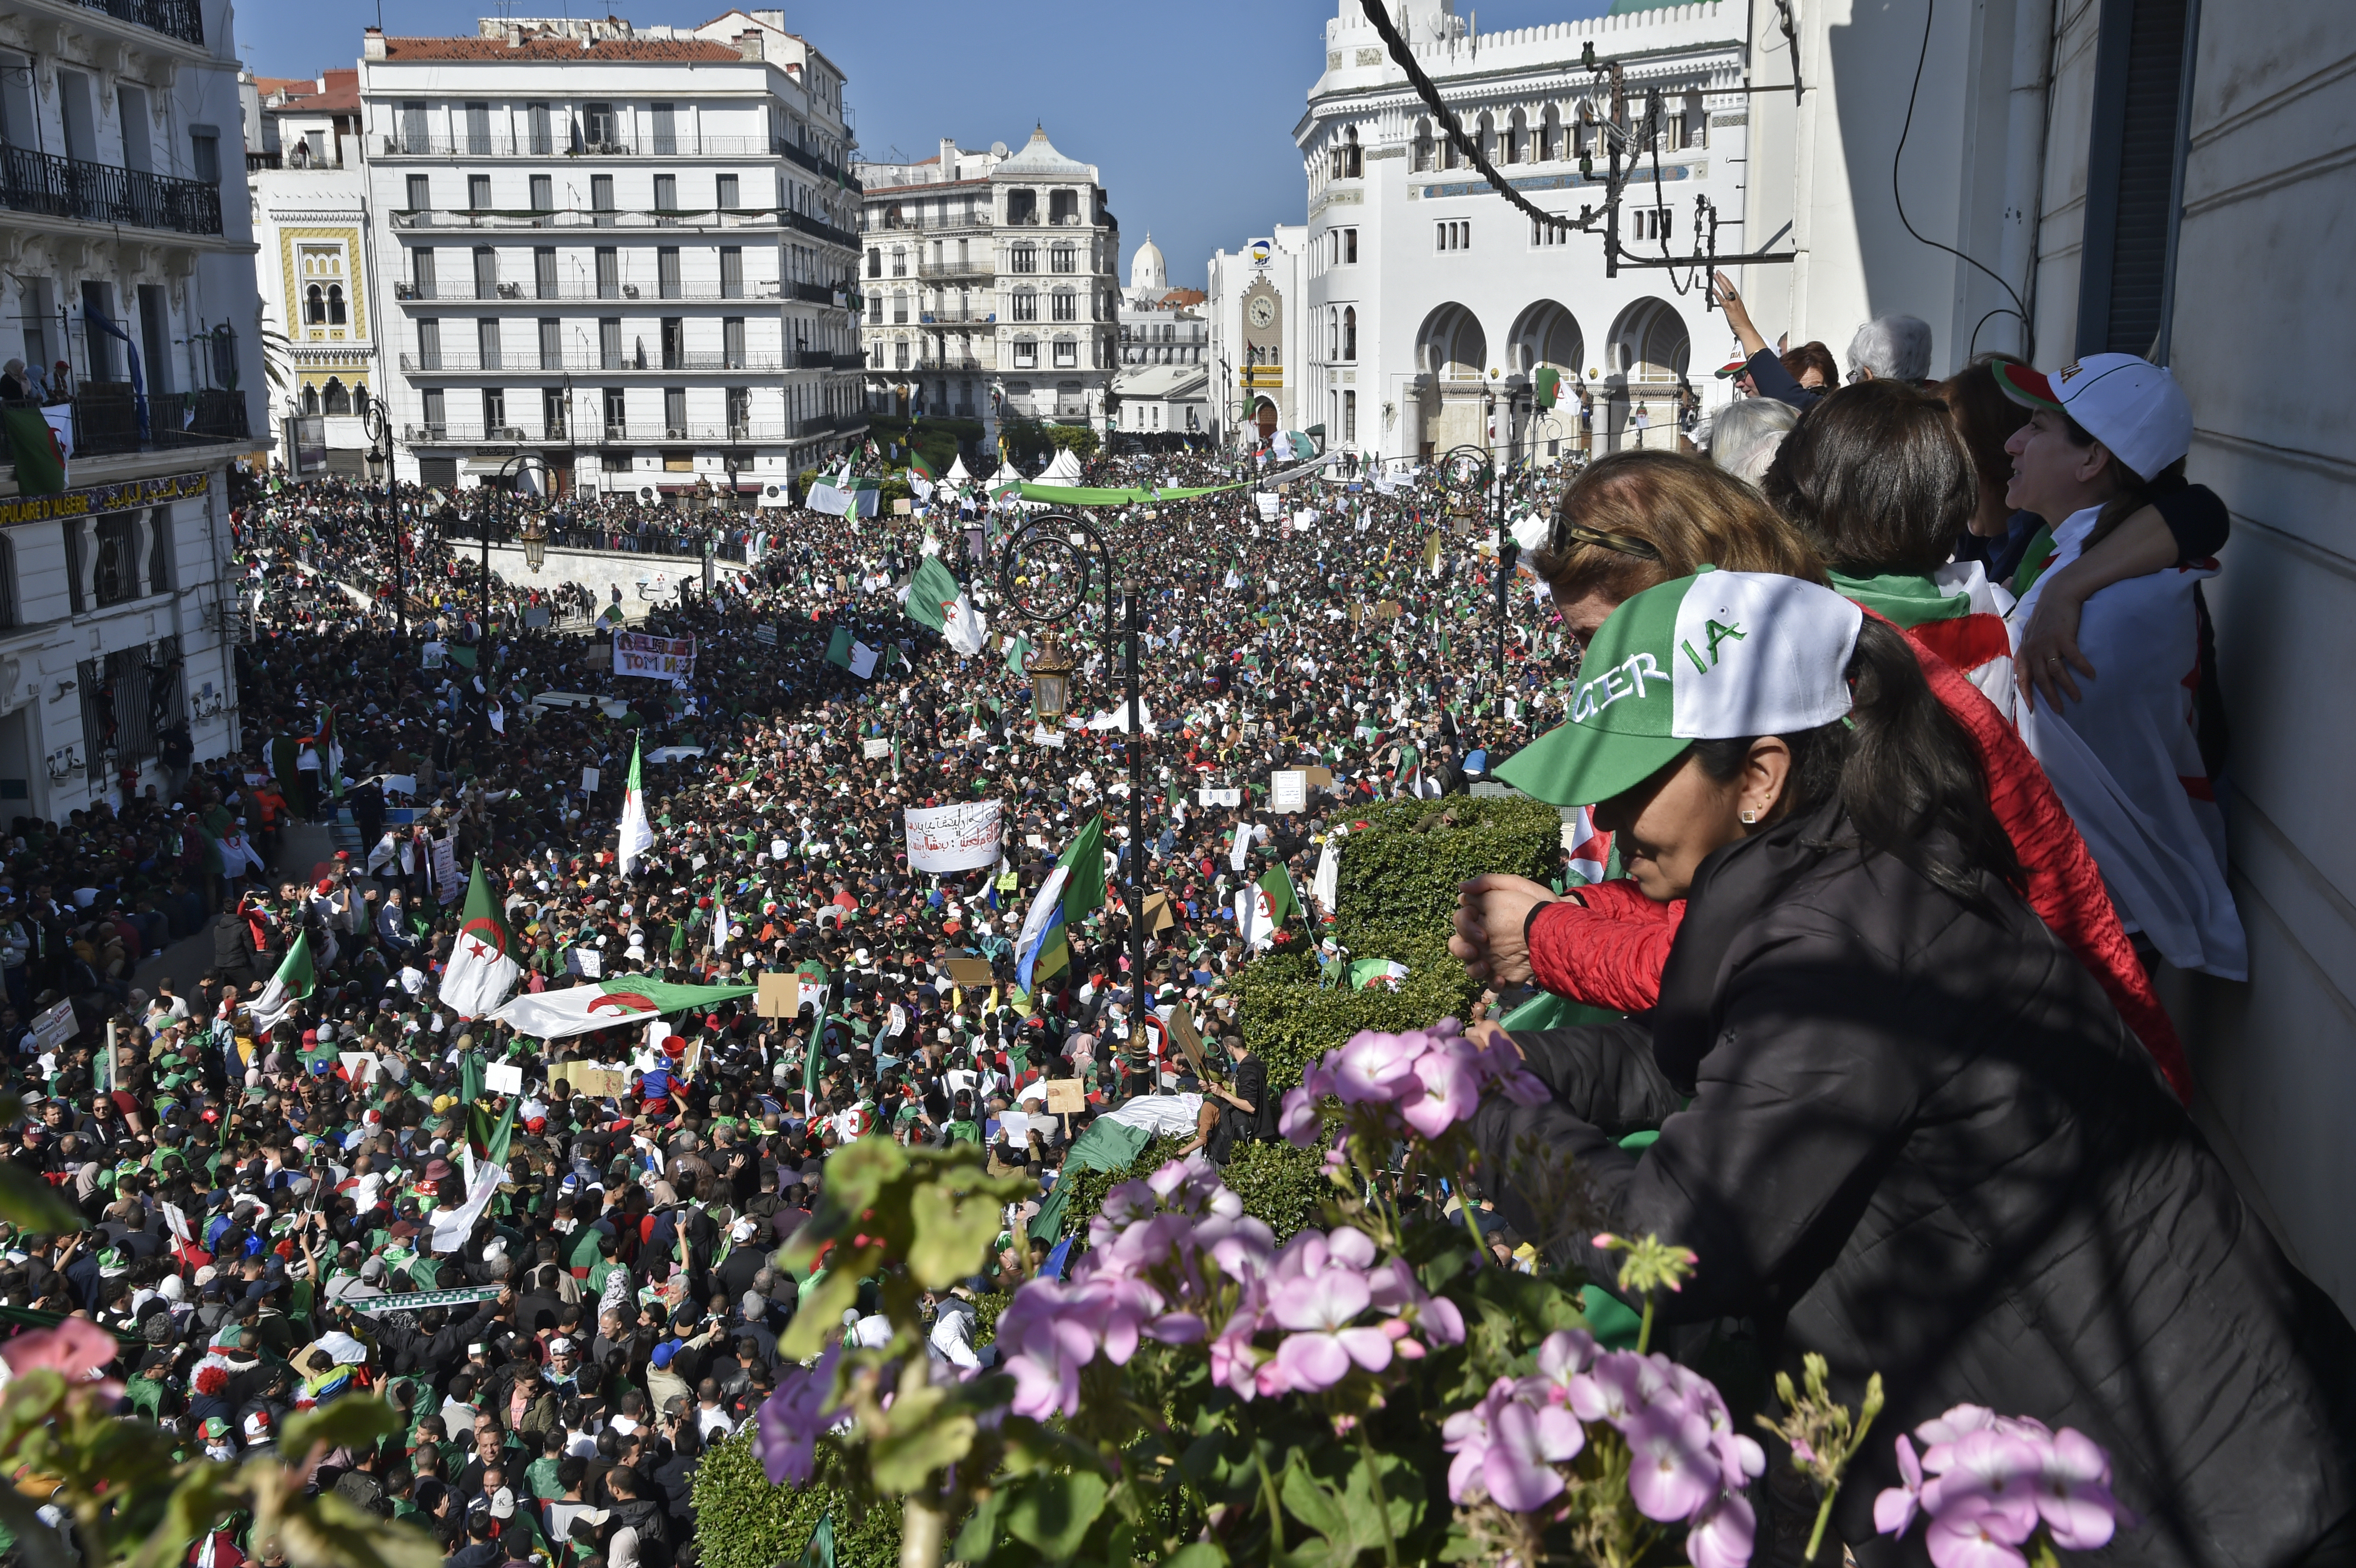 المتظاهرون في ساحة البريد المركزي بالعاصمة